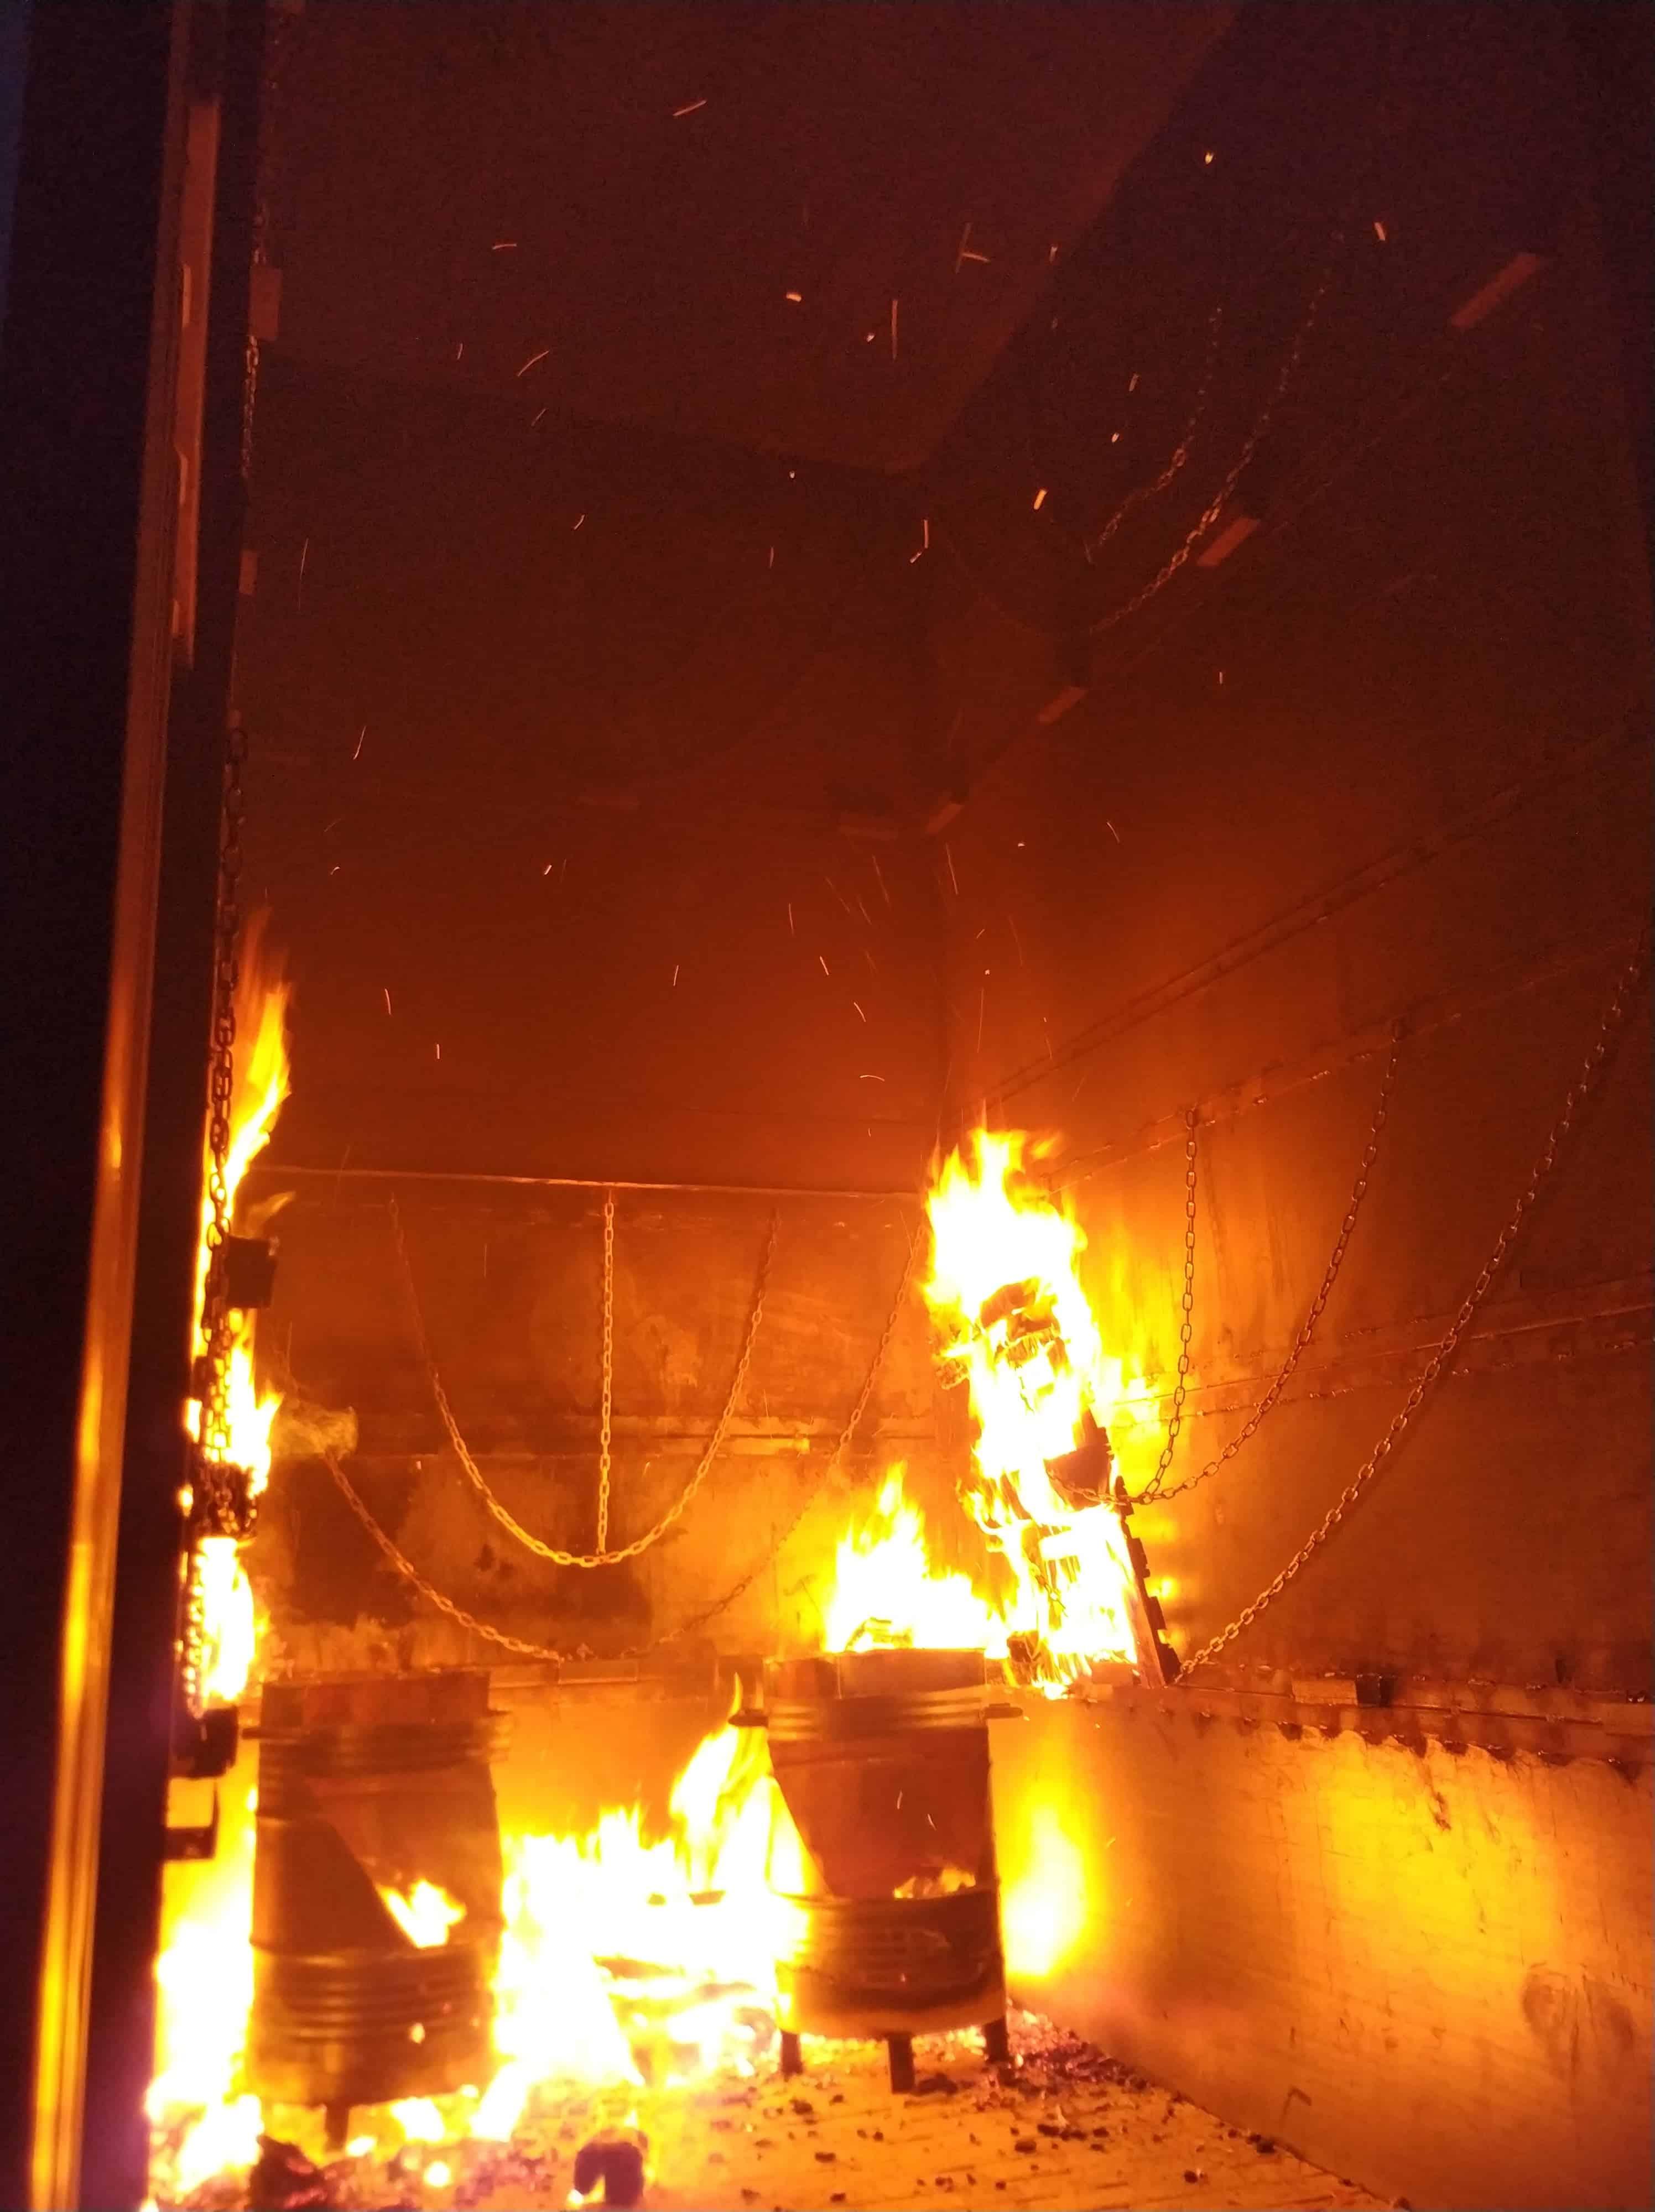 Ambiental Tecnol inaugura novo simulador de incêndio para o Corpo de Bombeiros (5)